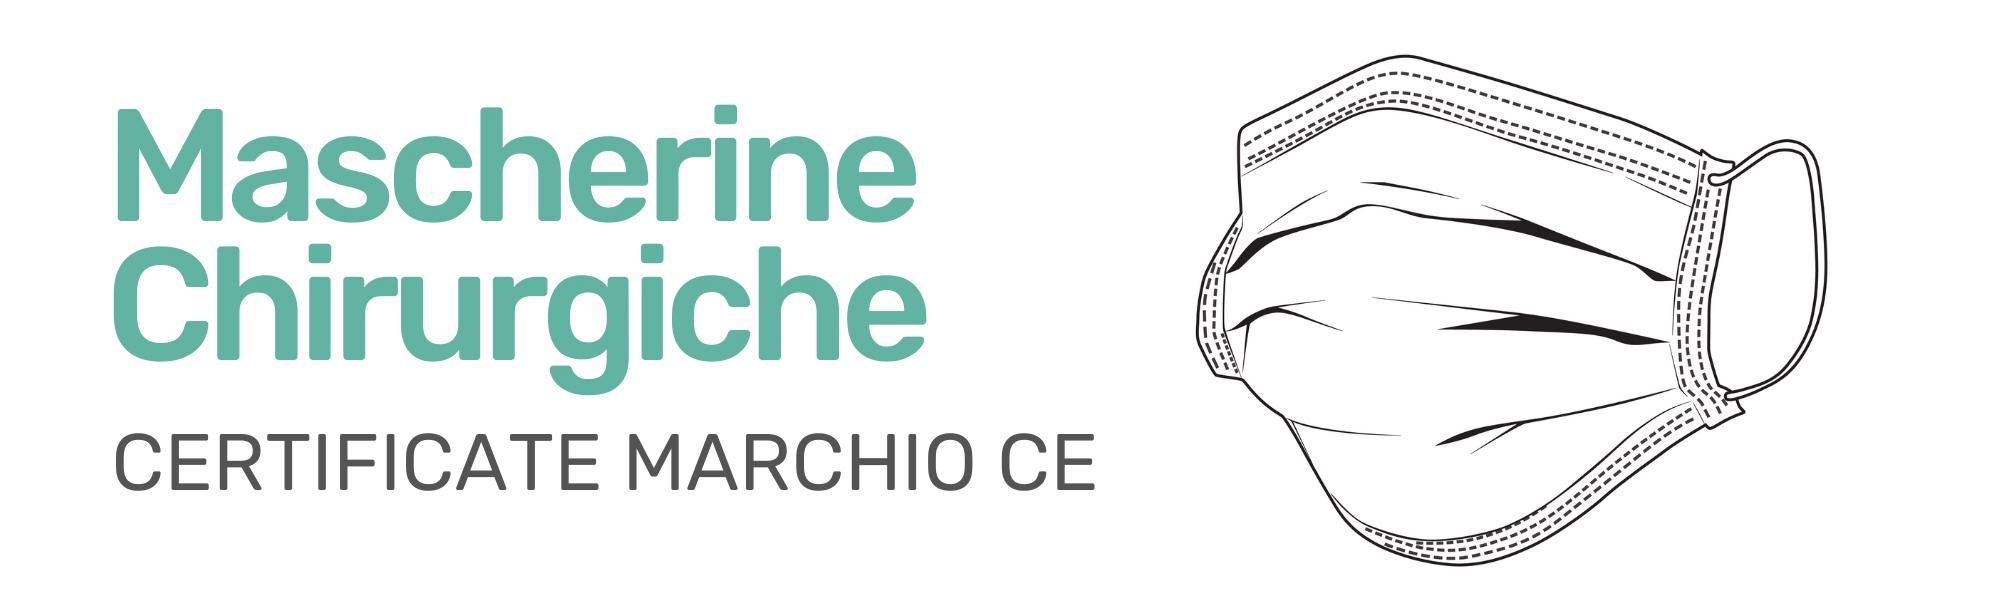 Mascherine Chirurgiche Marchio CE